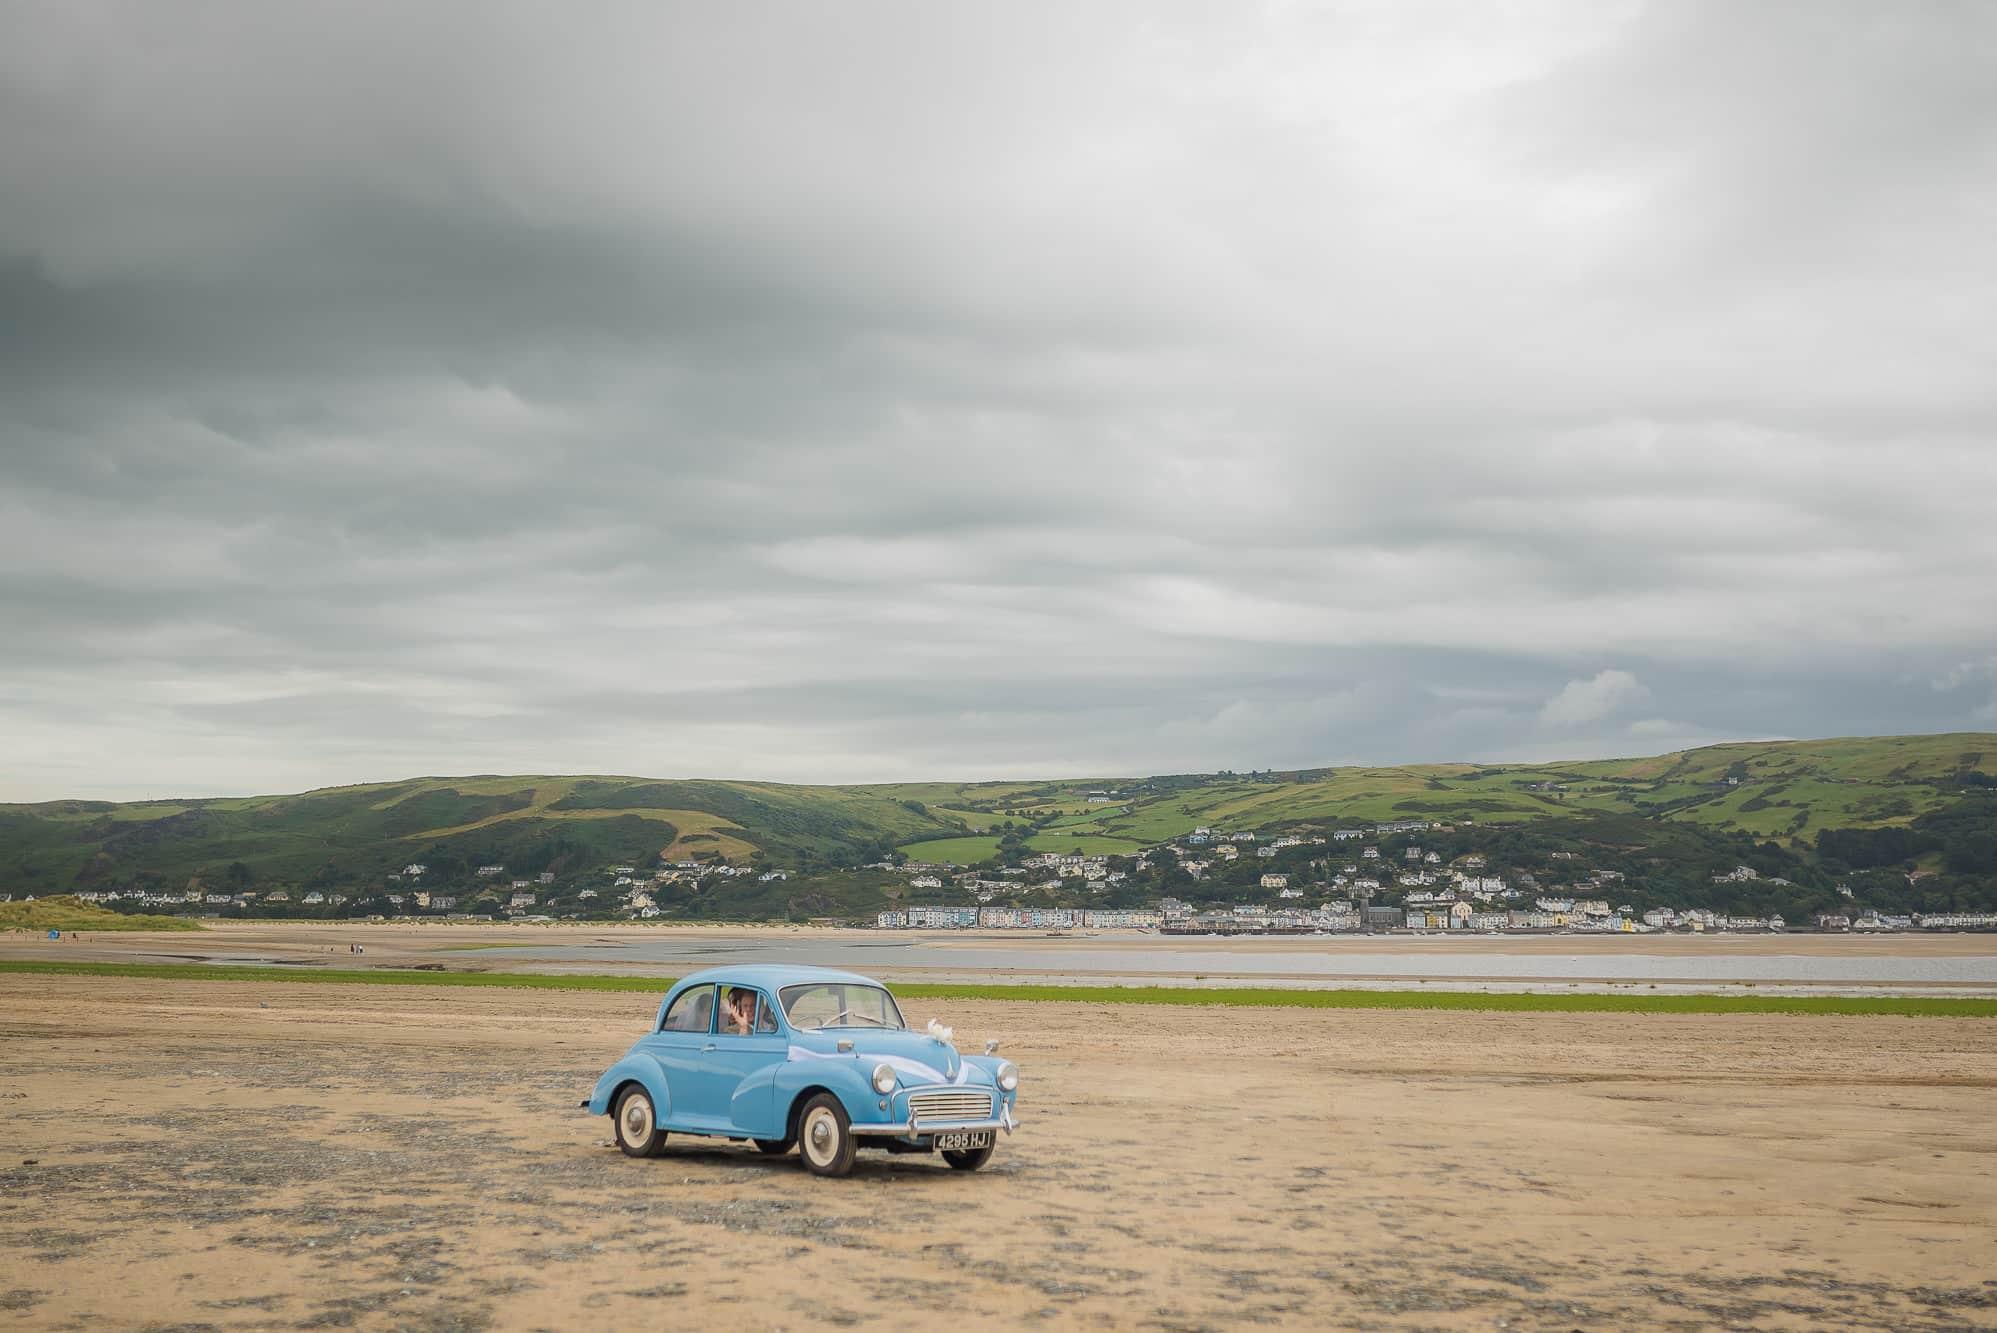 Morris Minor car in Ynyslas